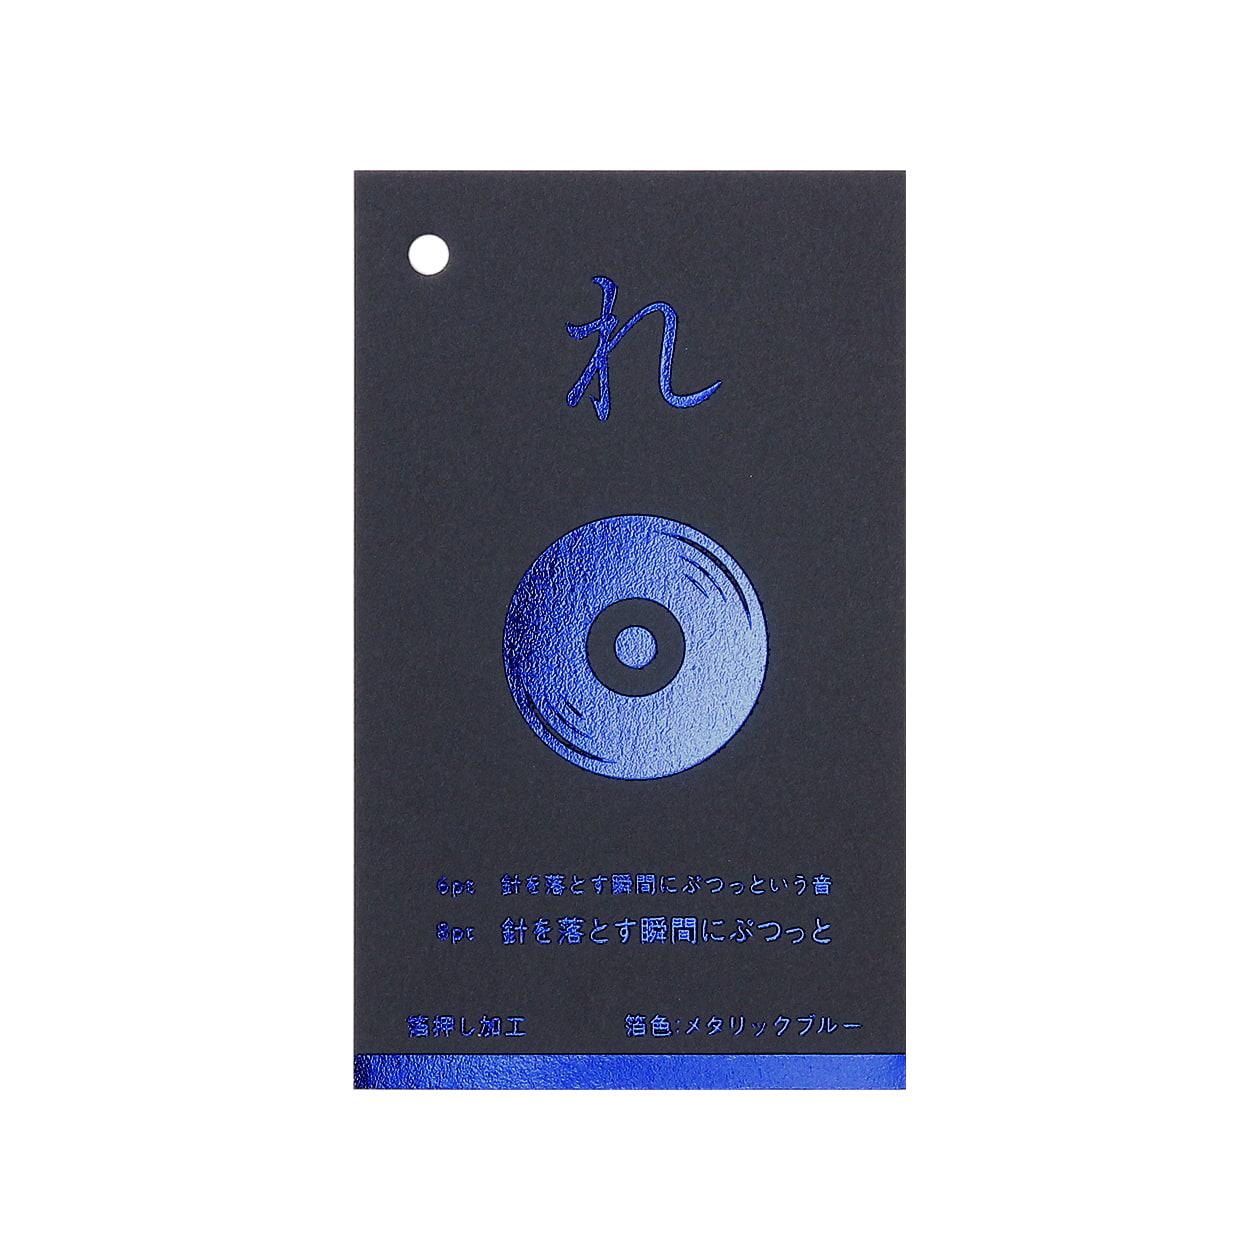 箔色見本 00197 メタリックブルー箔 コットンミッドナイトブルー 291g